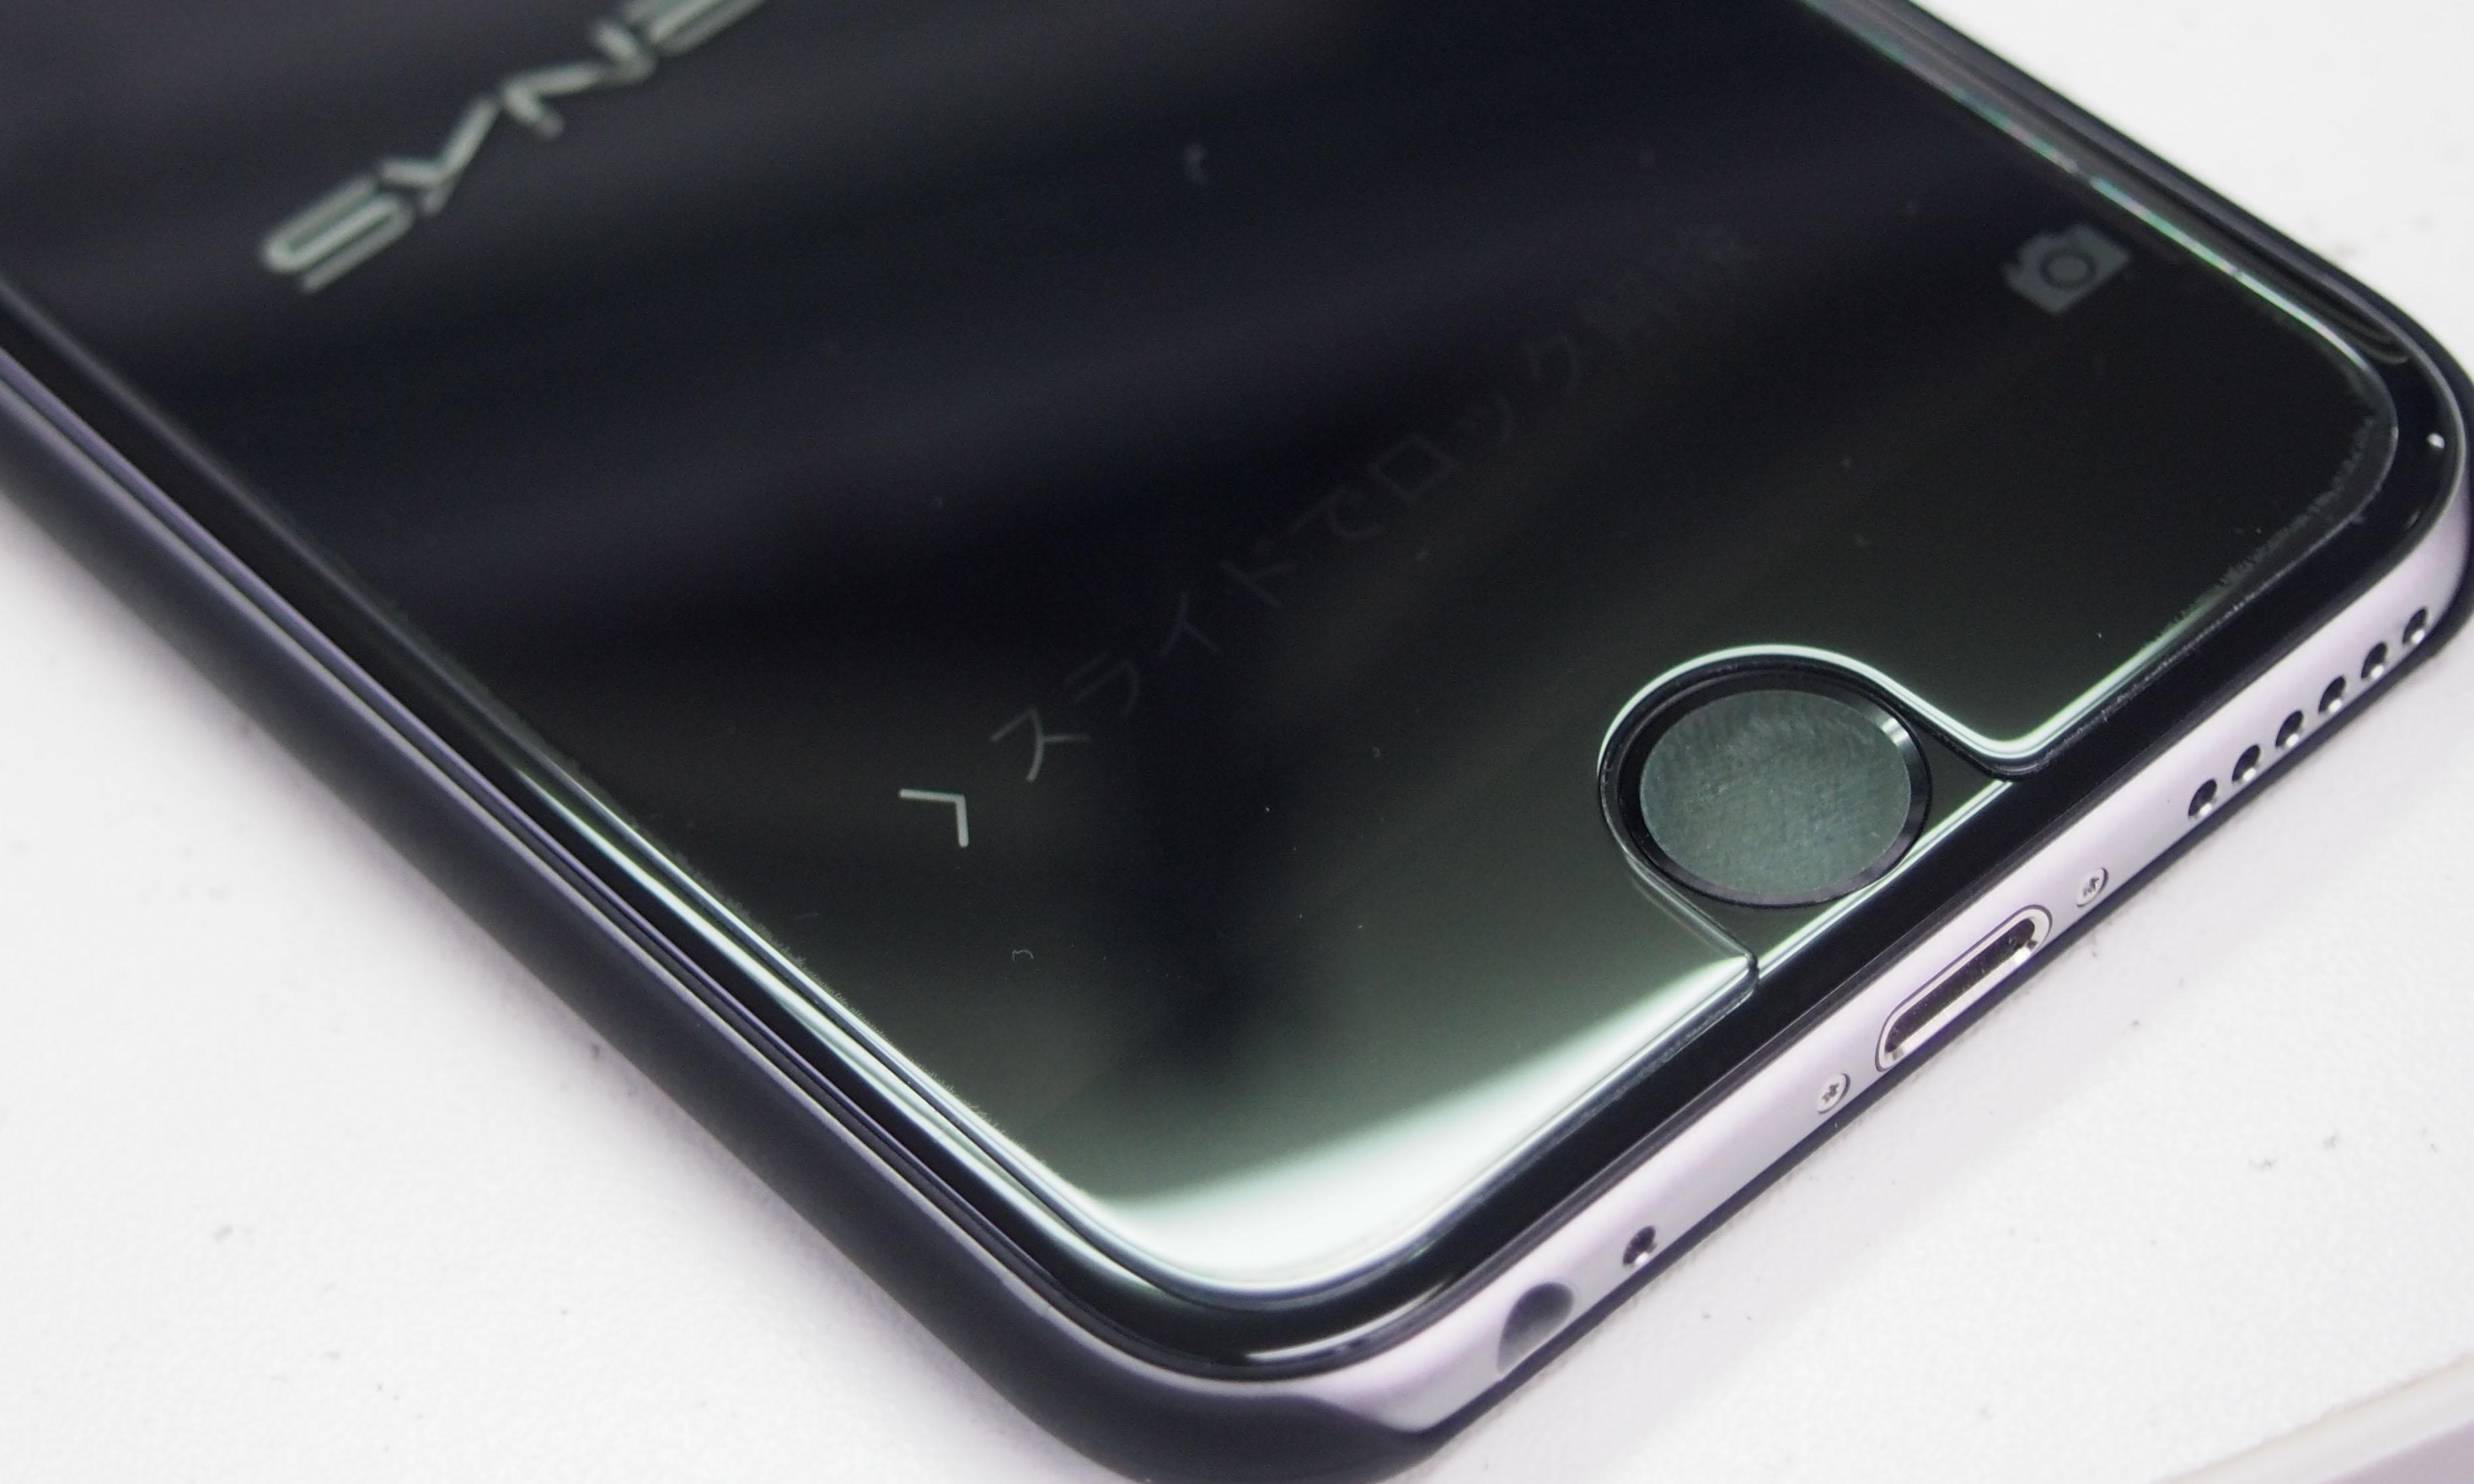 iPhone6強化ガラス液晶保護フィルム